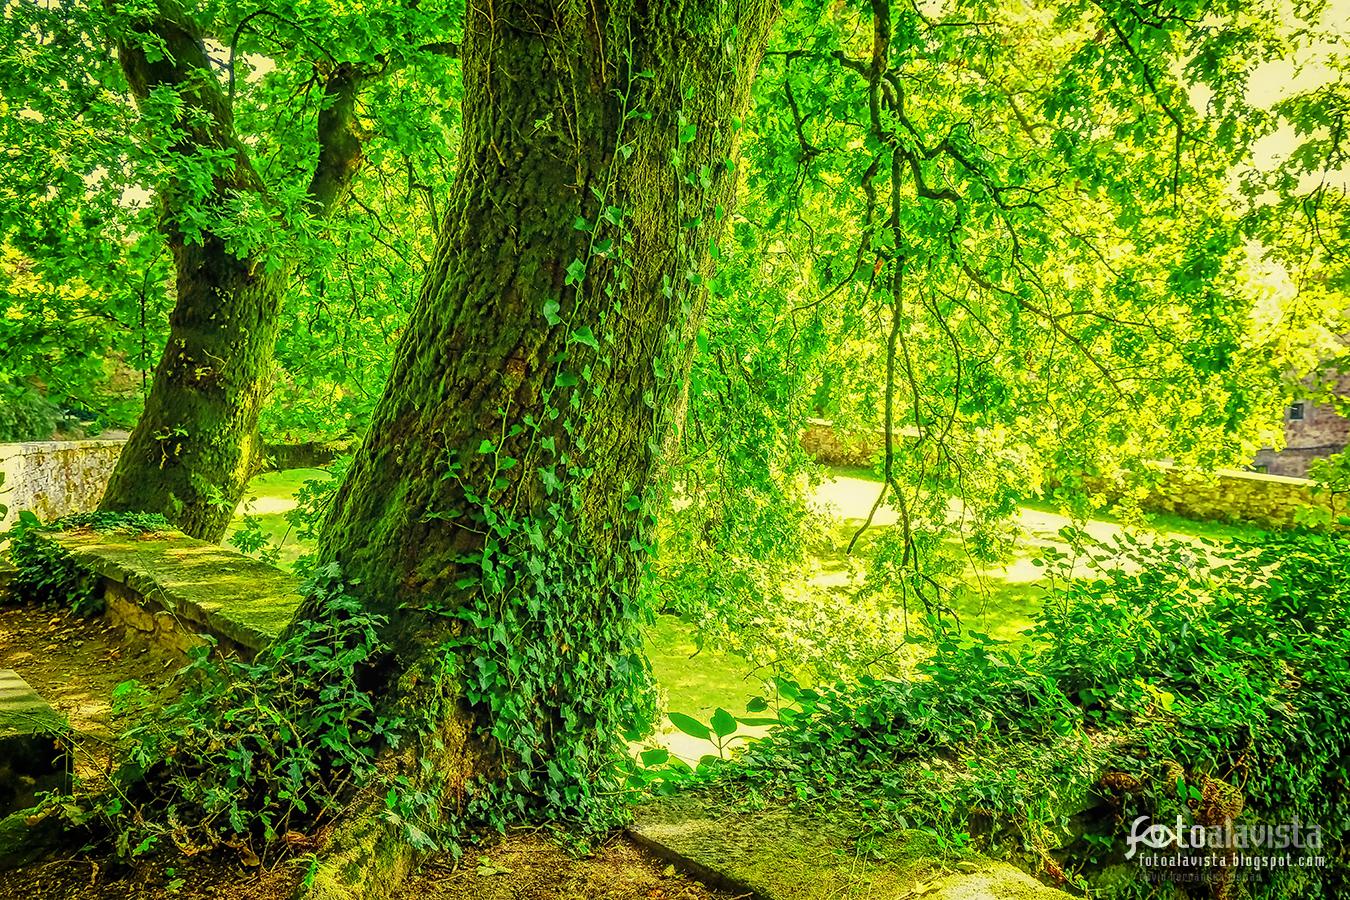 Verde rincón romántico - Fotografía